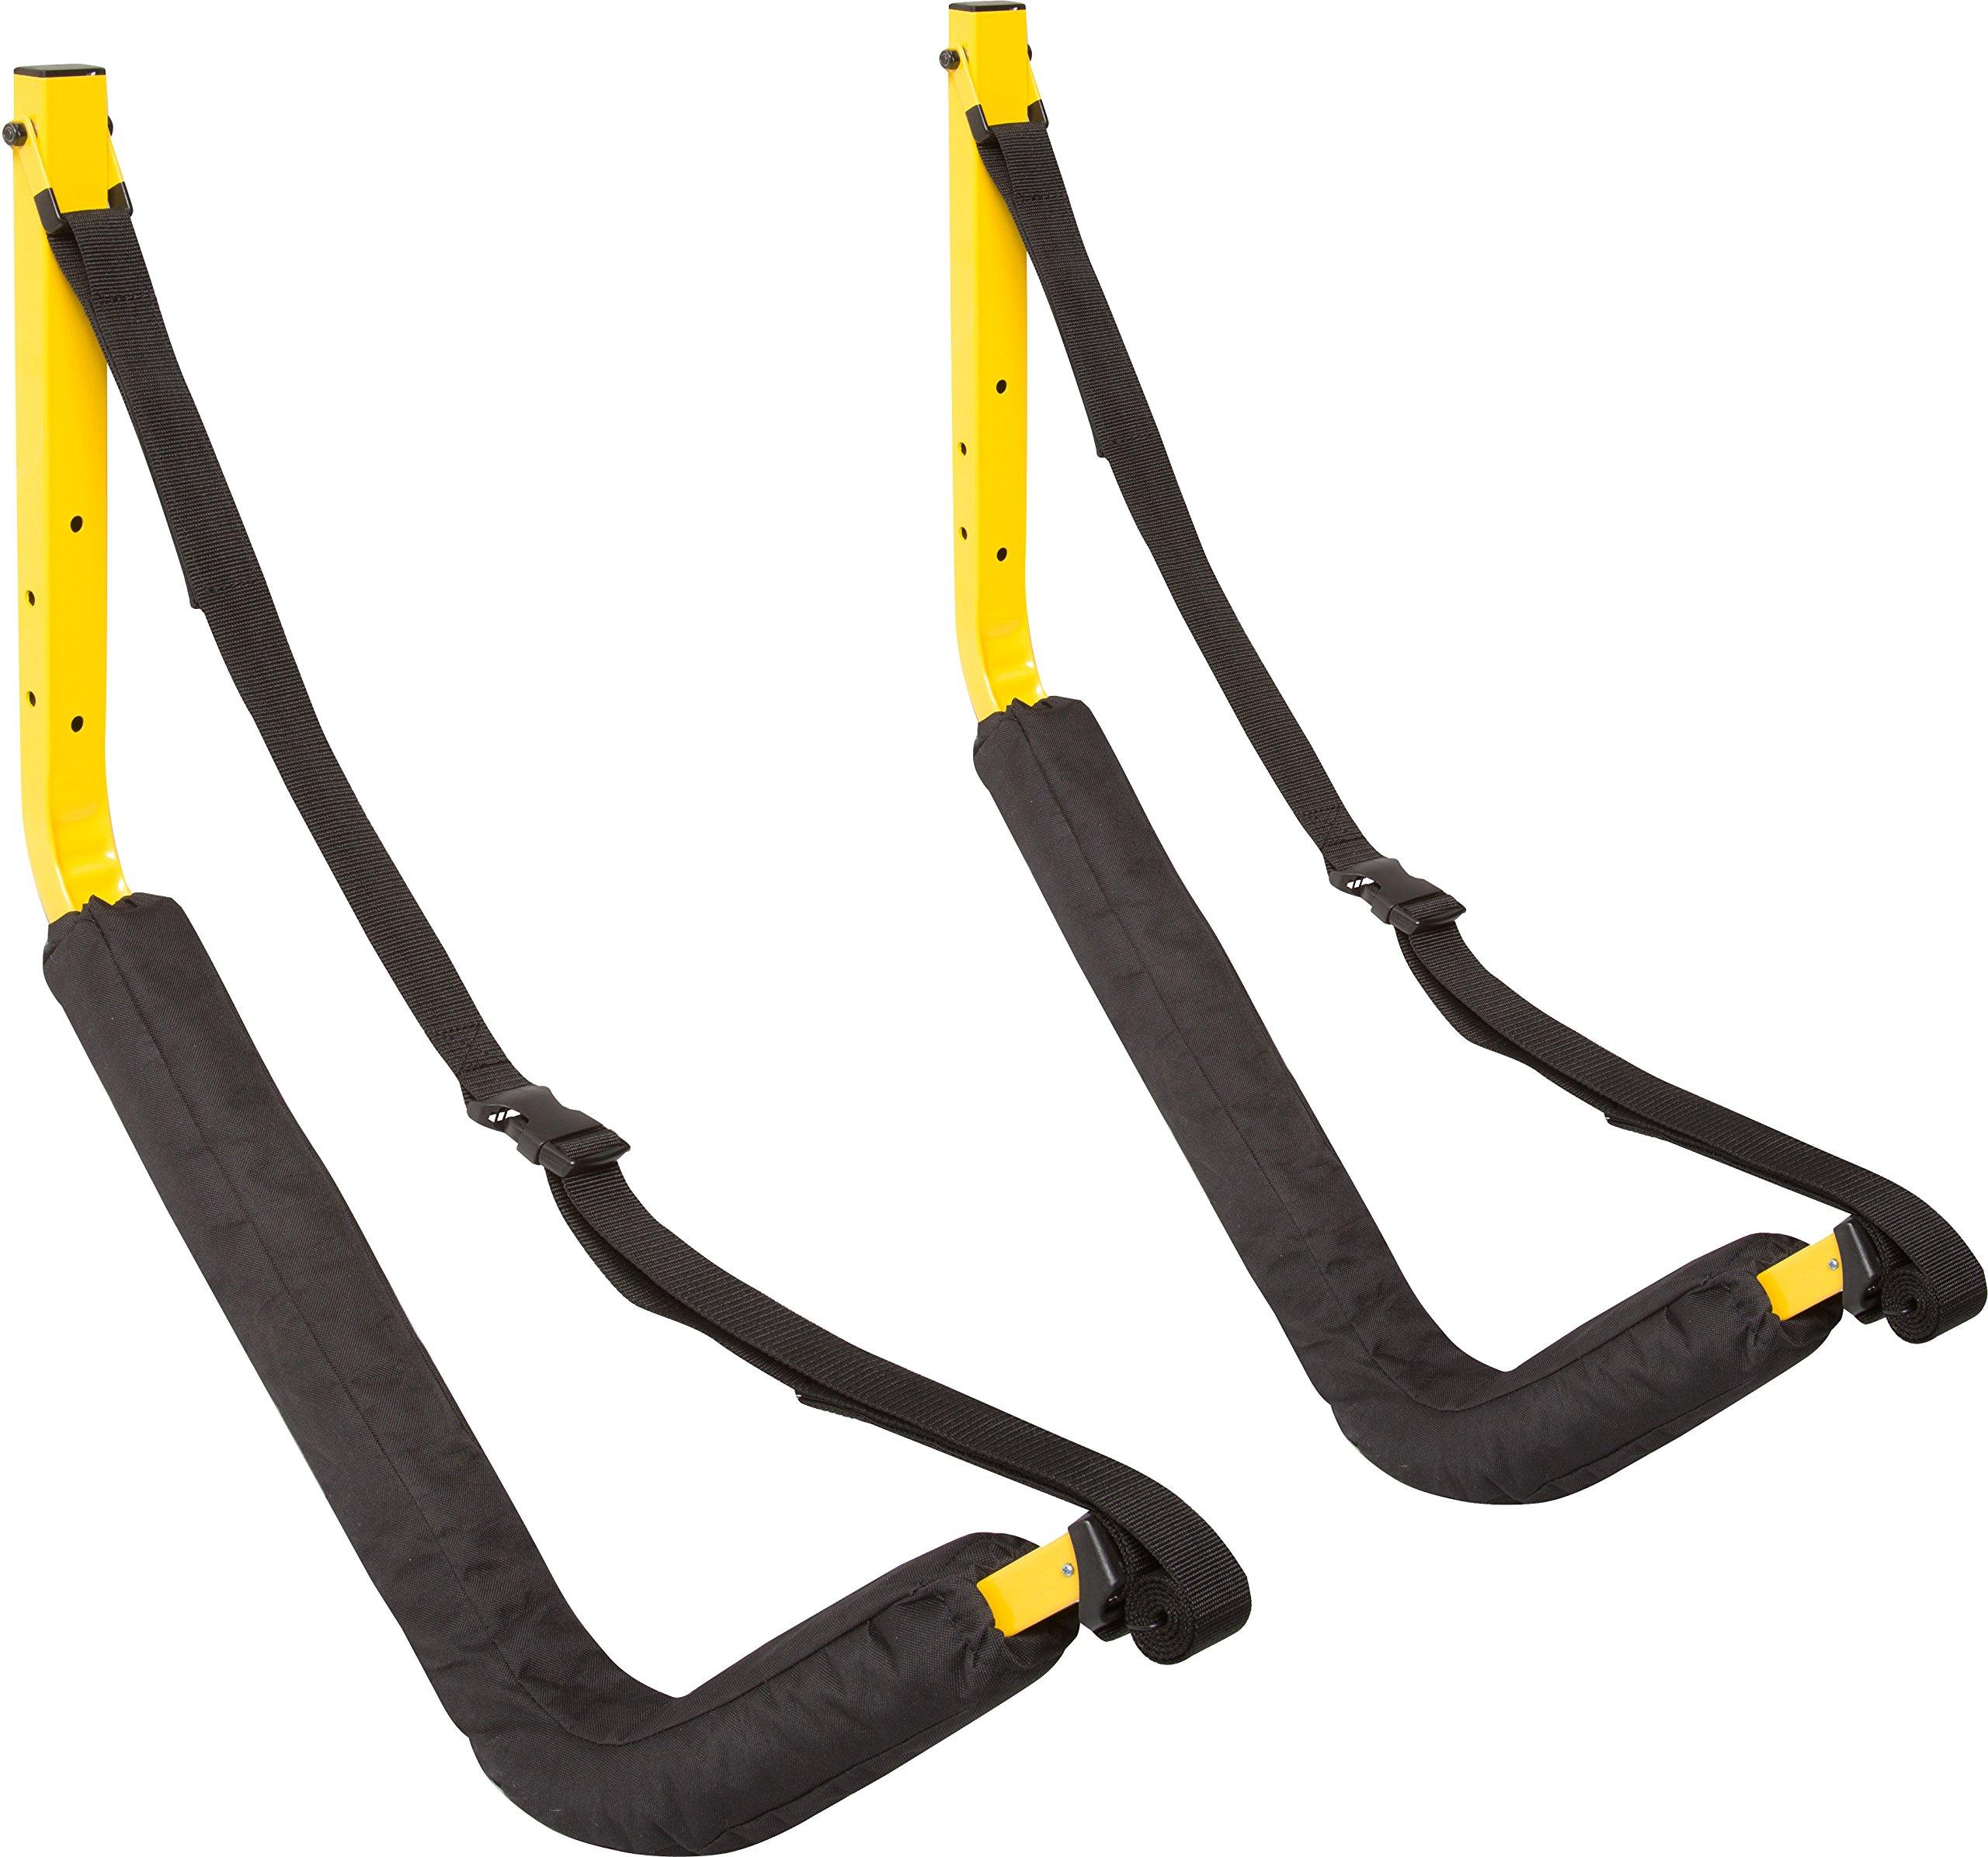 Suspenz Big EZ Rack, Yellow by Suspenz